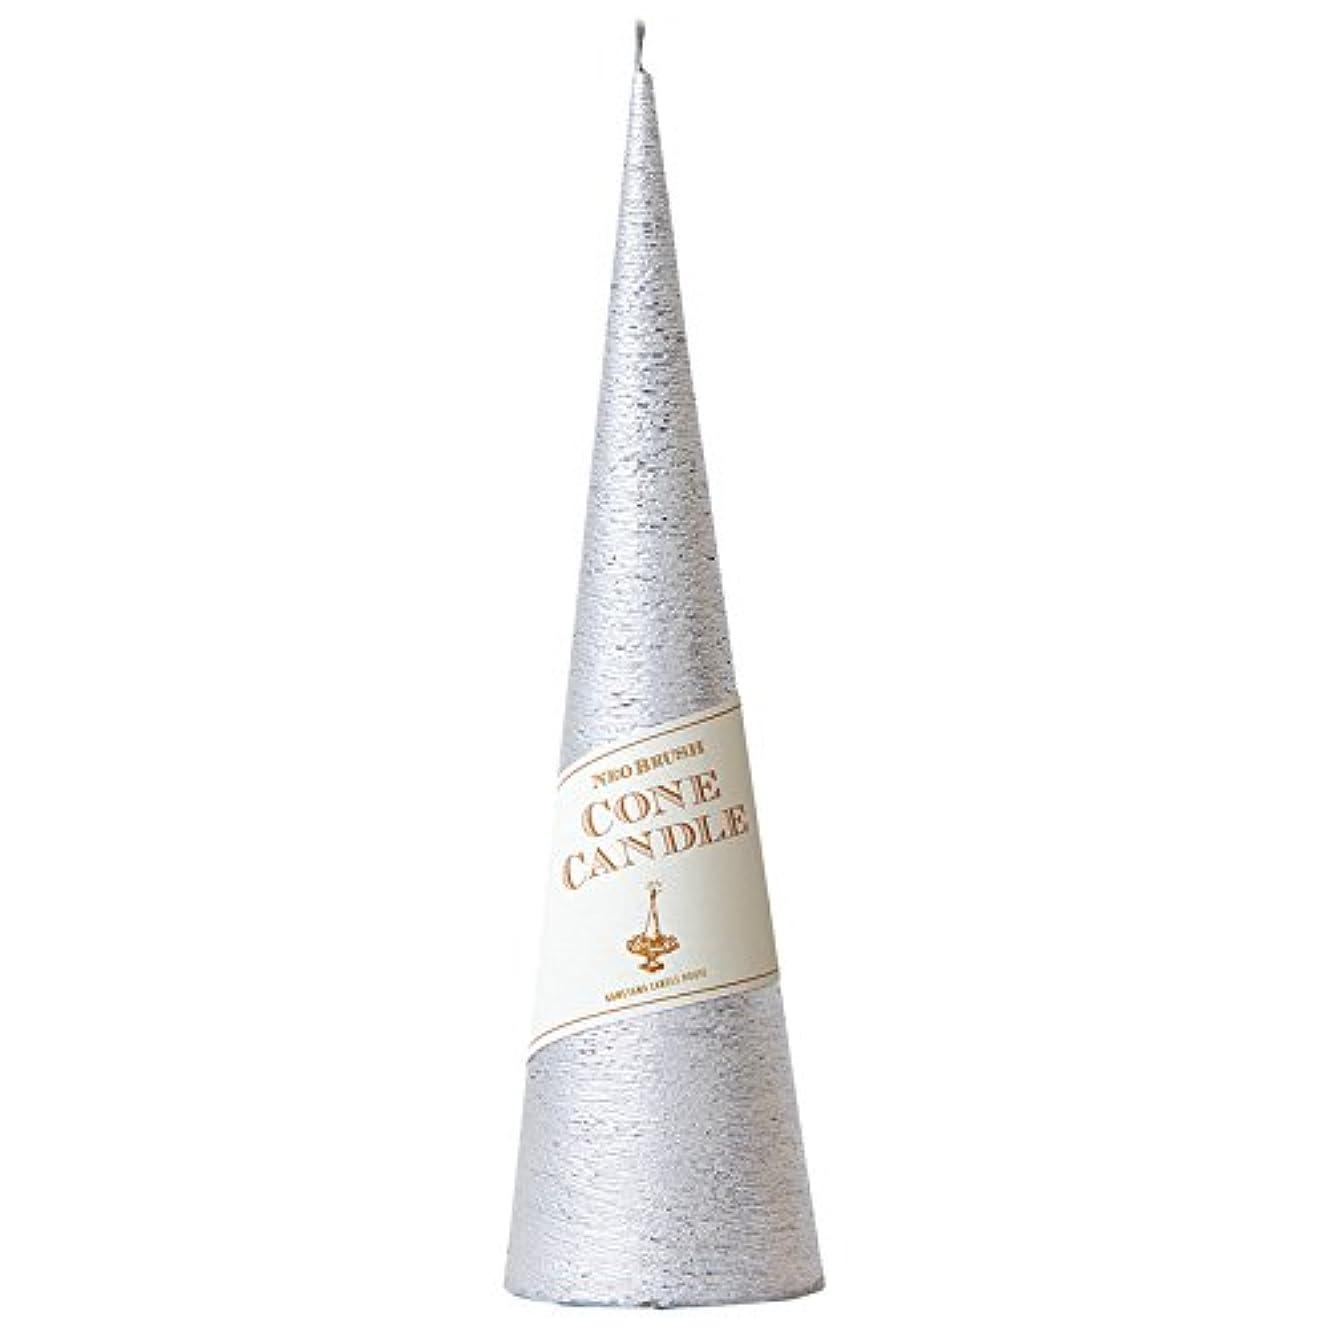 かすかなメタンカレッジネオブラッシュコーン 230 キャンドル 「 シルバー 」 A9750120SI